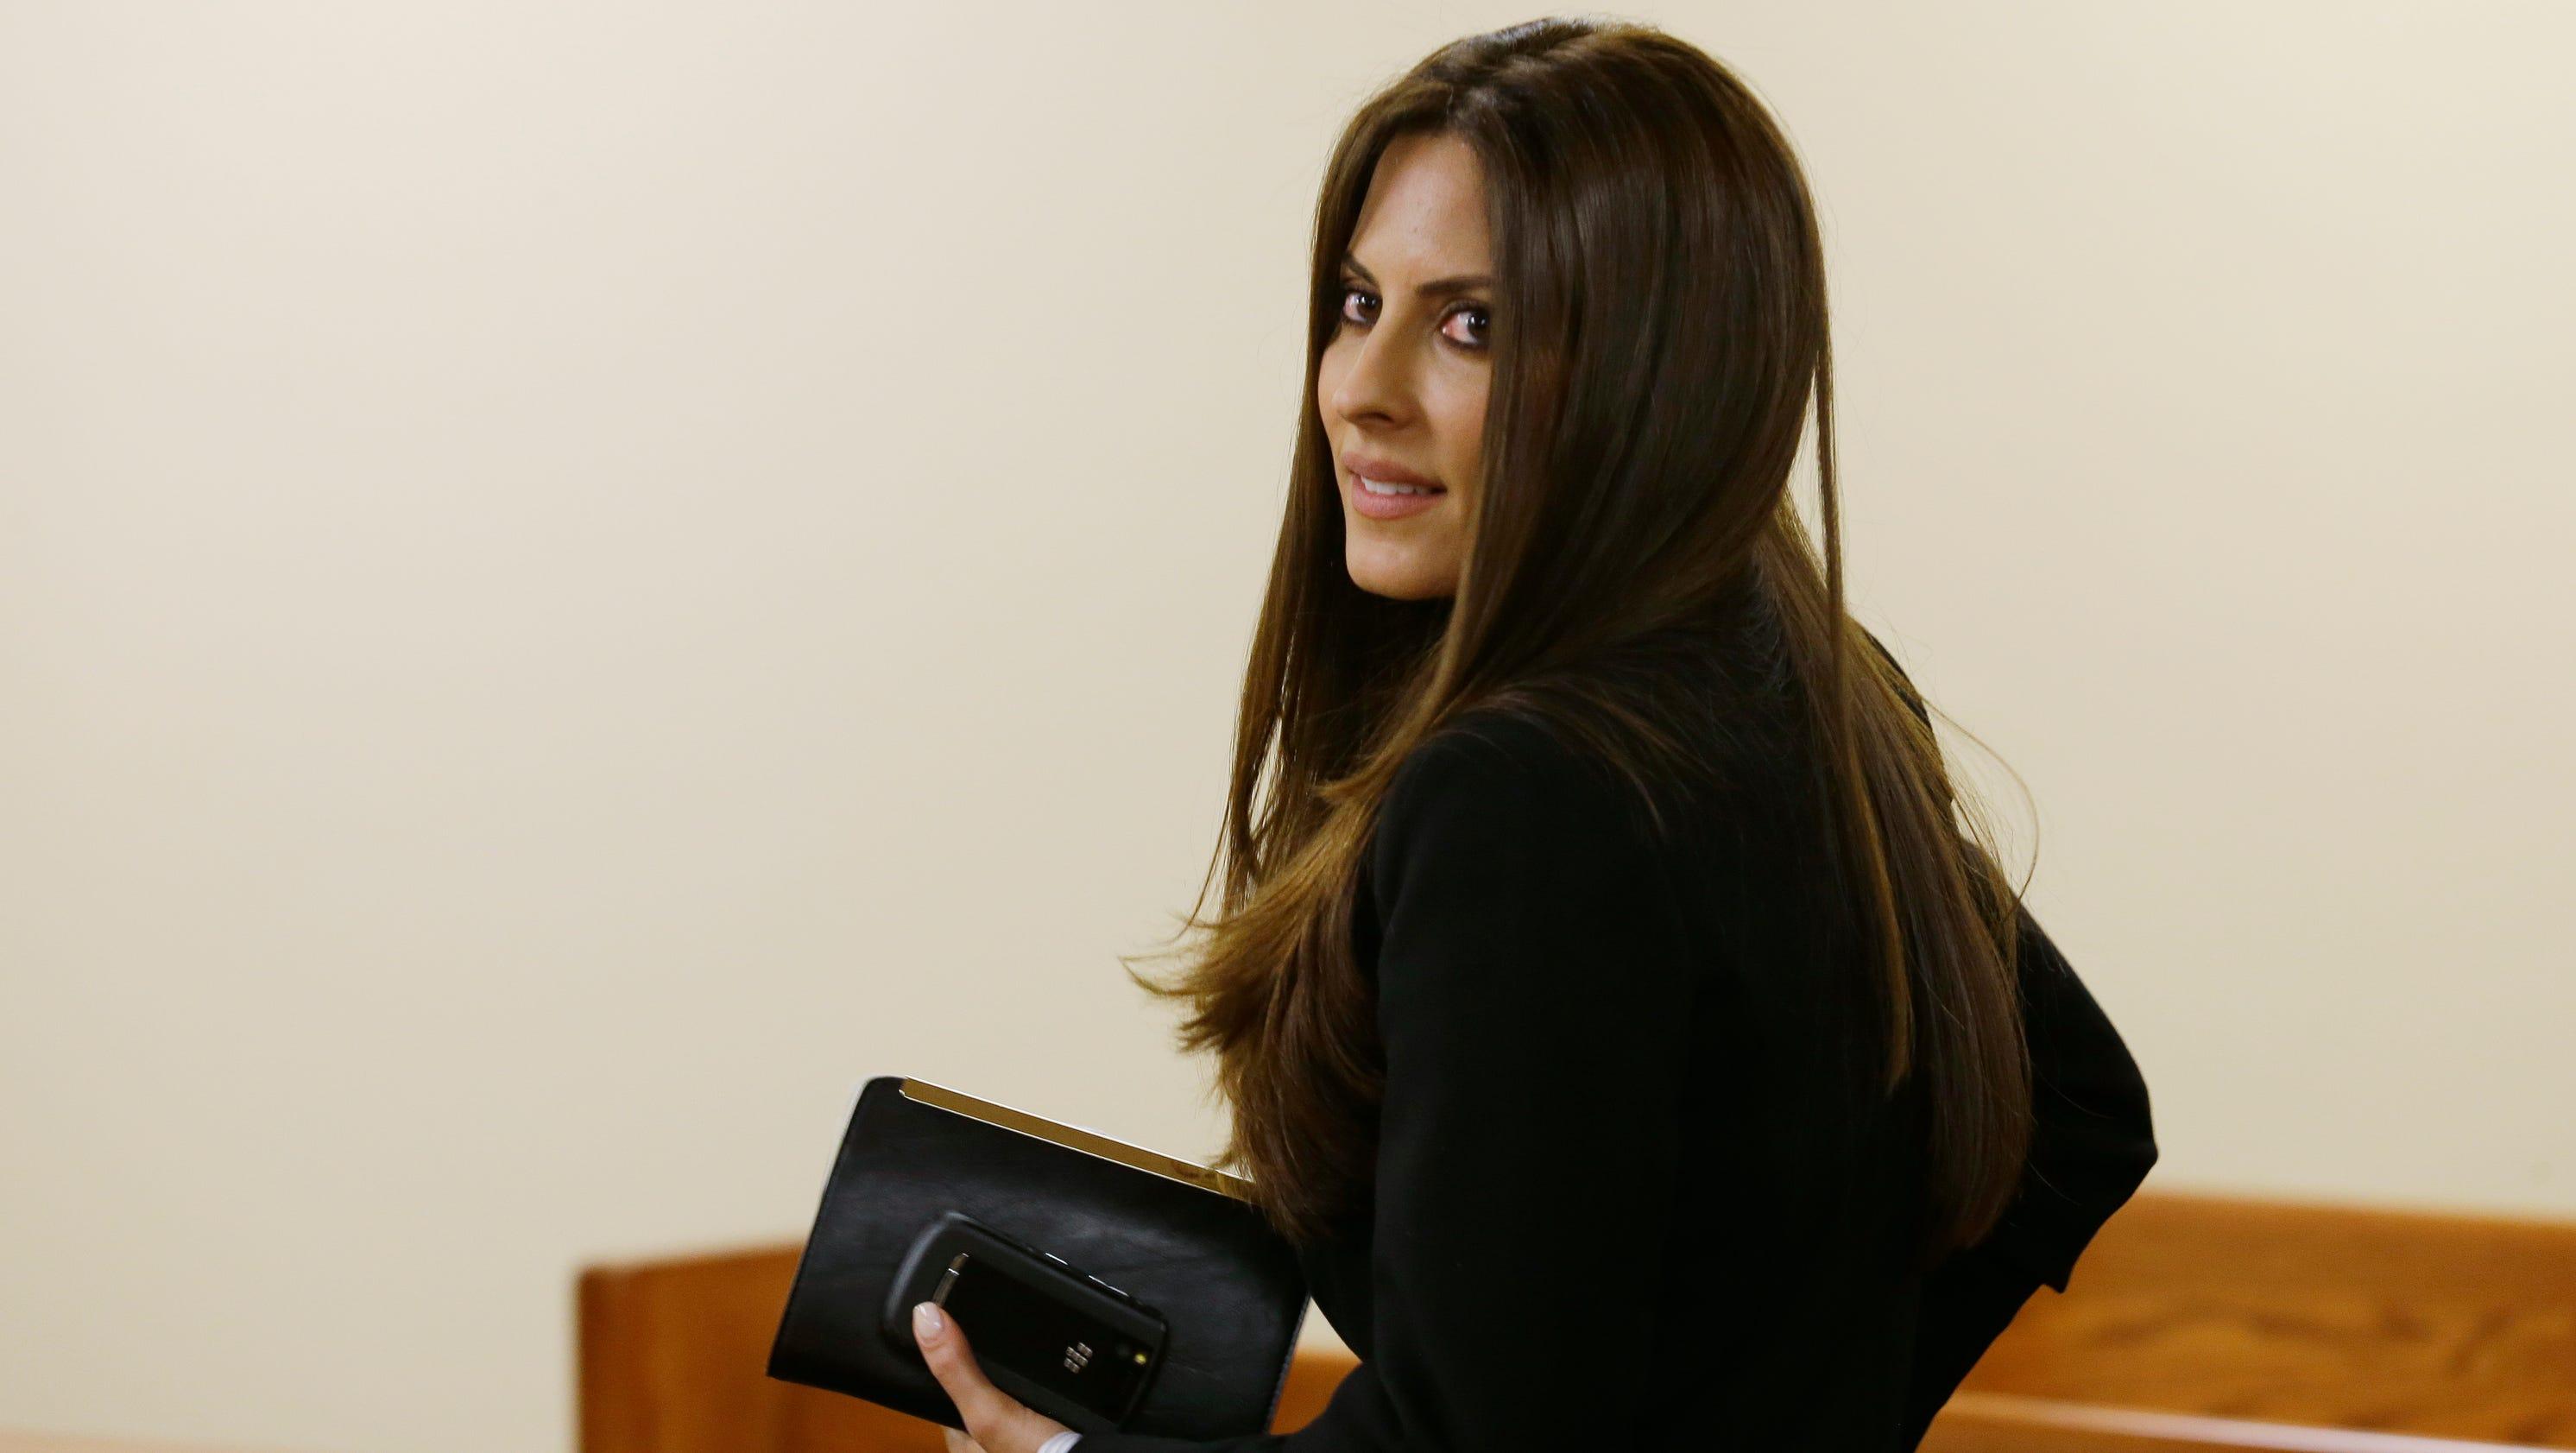 Kerri Kasem Explains End Of Life Decision For Dad Casey